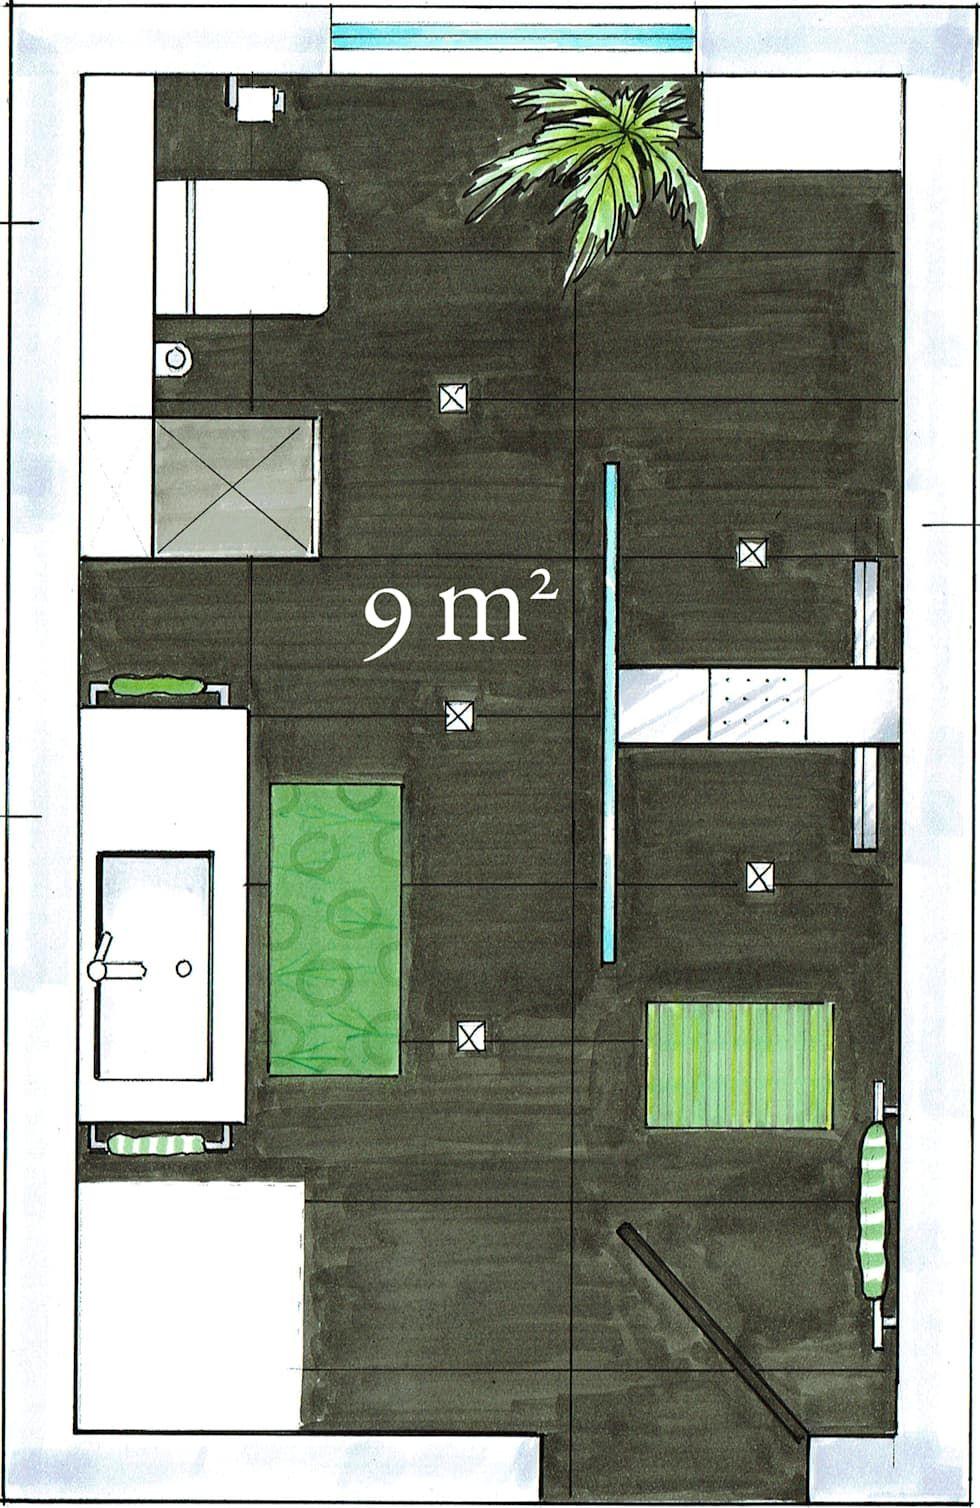 Wohnideen Raumaufteilung wohnideen interior design einrichtungsideen bilder duschbad